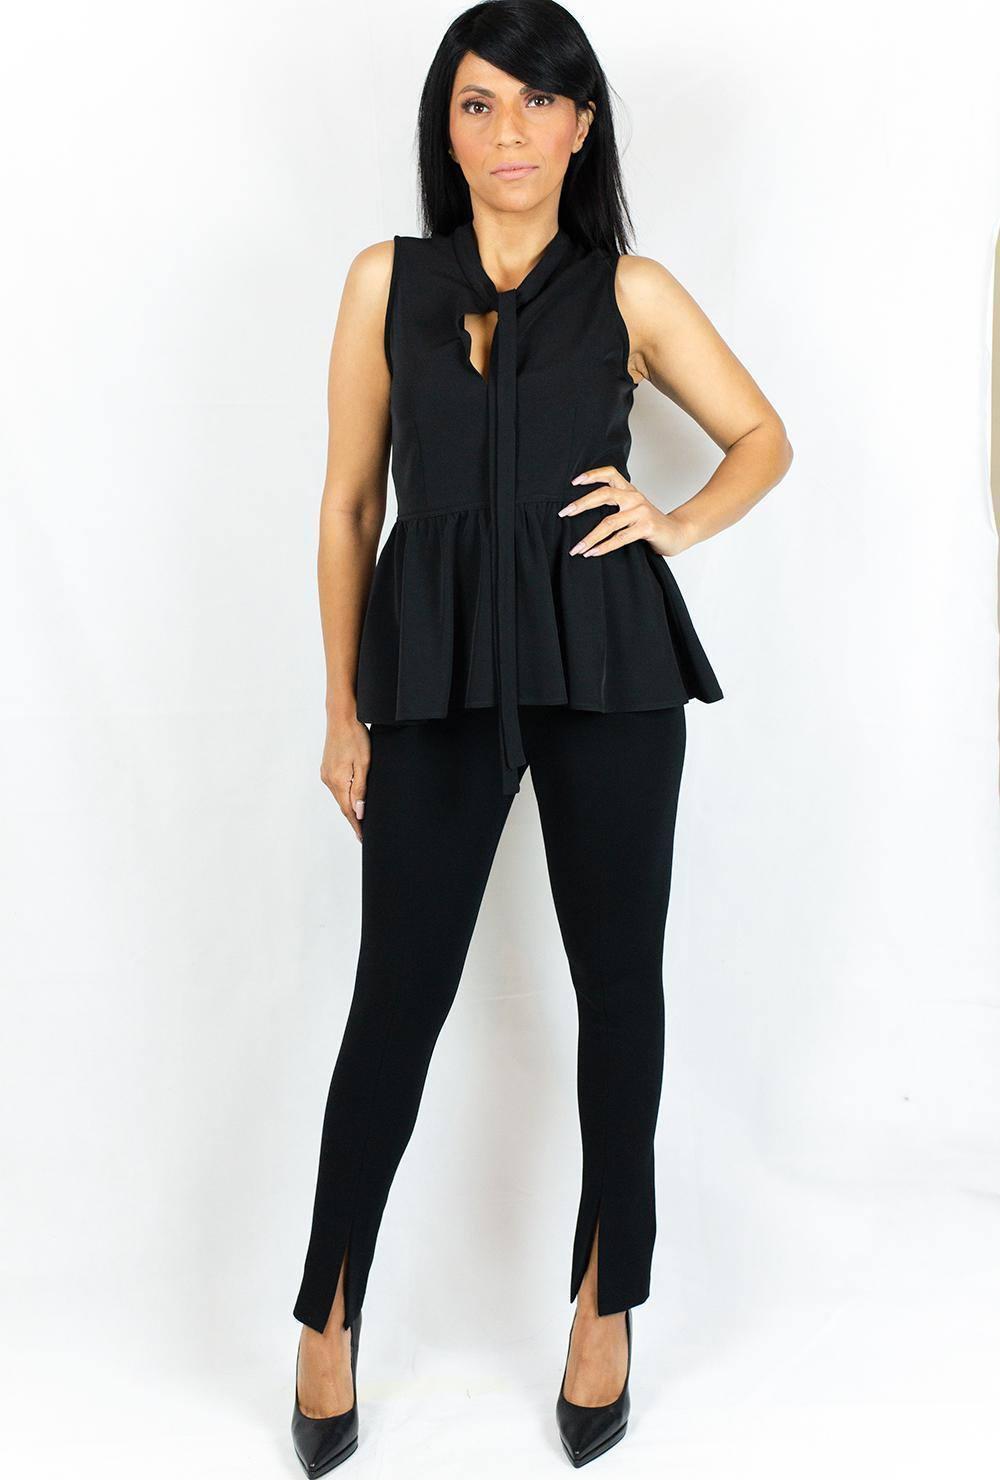 Παντελόνι Μαύρο AVANT GARDE PW-FW20-20060 BLACK - Nook